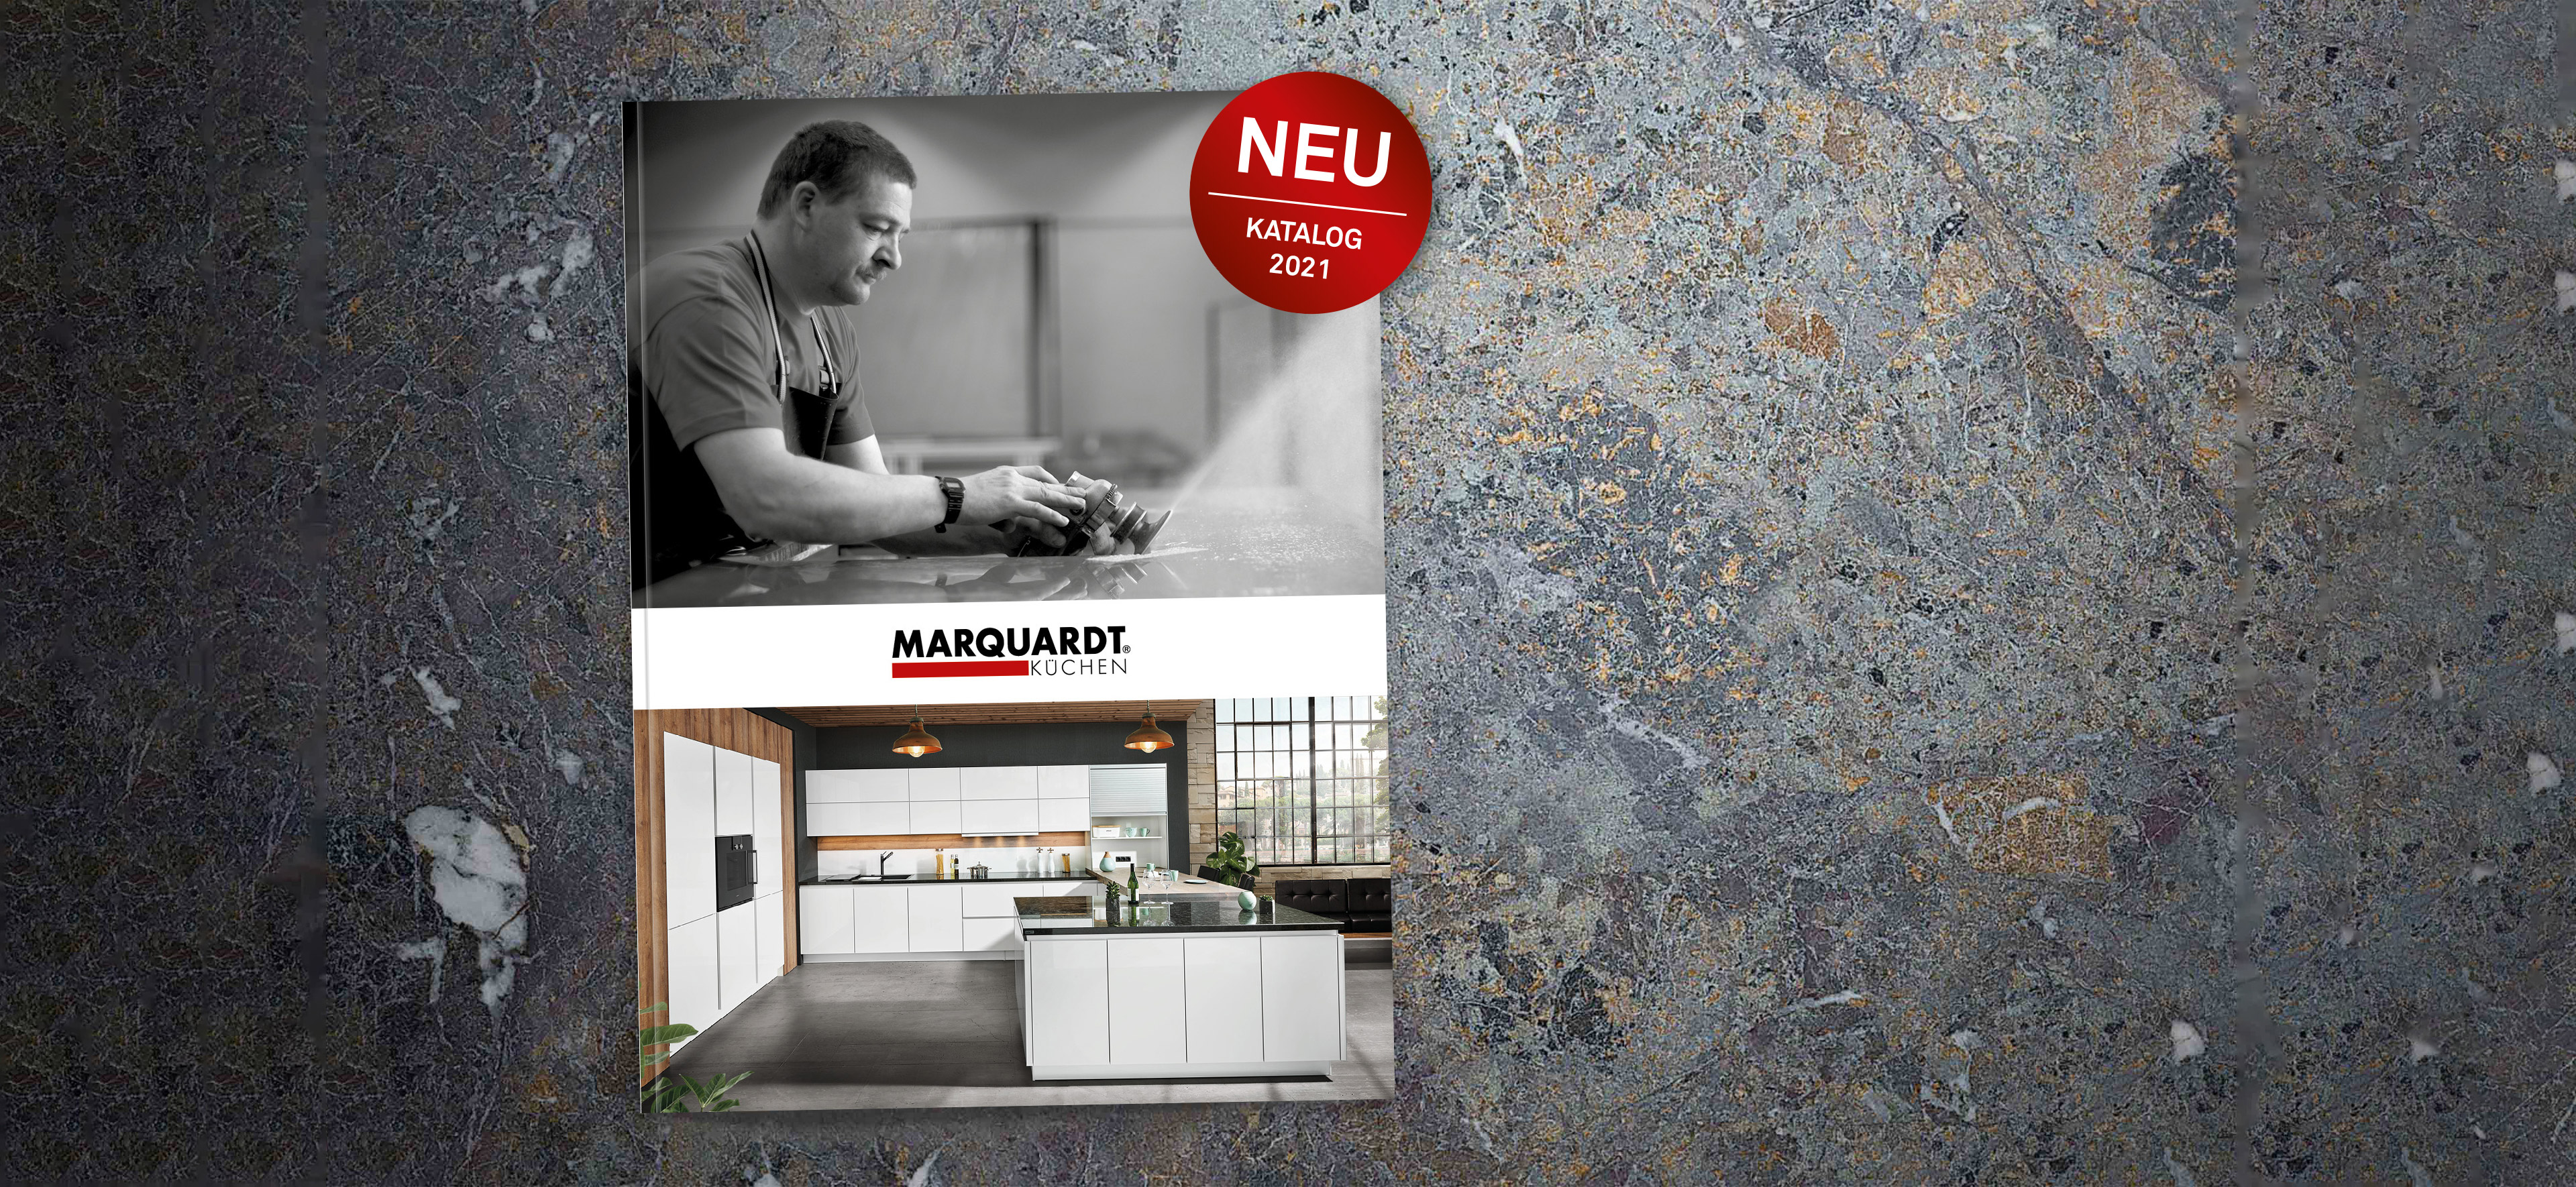 Küchen Katalog 2021 kostenlos